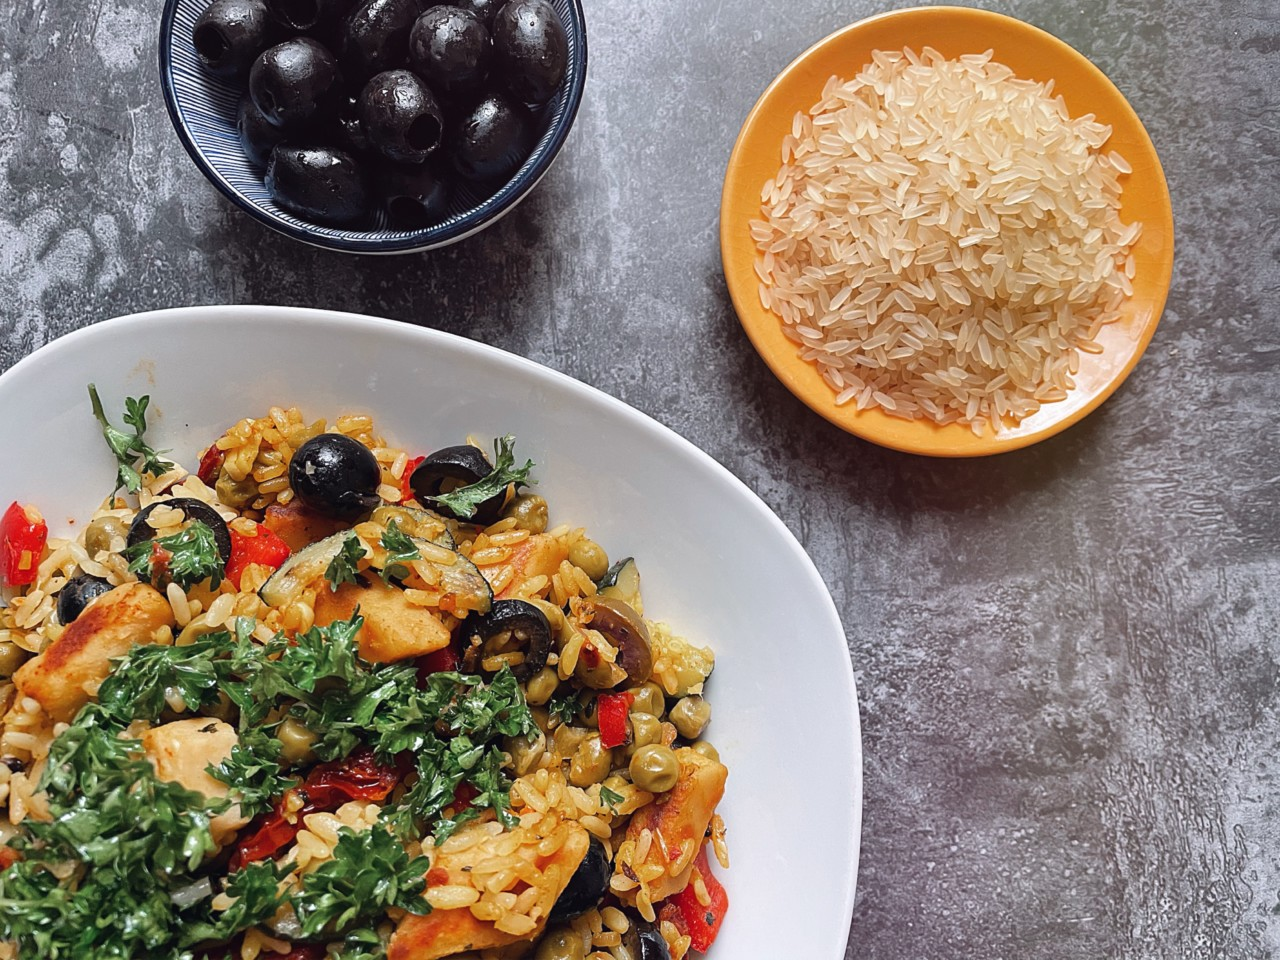 Perfekt für die wärmere Jahreszeit: eine vegane Paella! Foto: Lunchgate/Selina